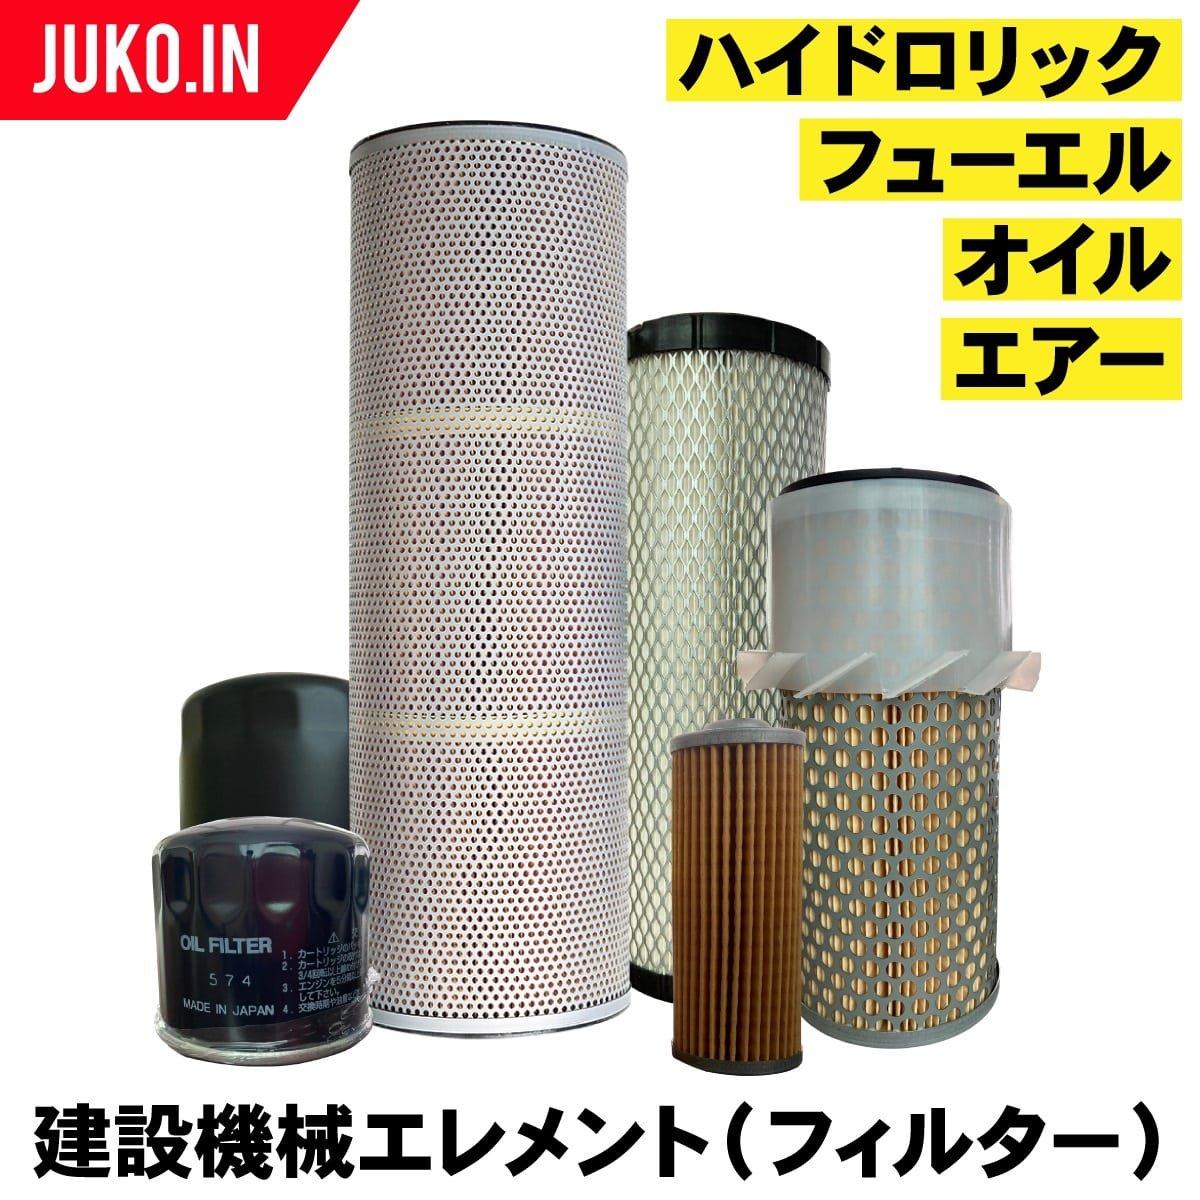 コマツ ブルドーザー D60S-6,D65S-6 エアーエレメントA-110AB (内外筒セット) 送料無料!